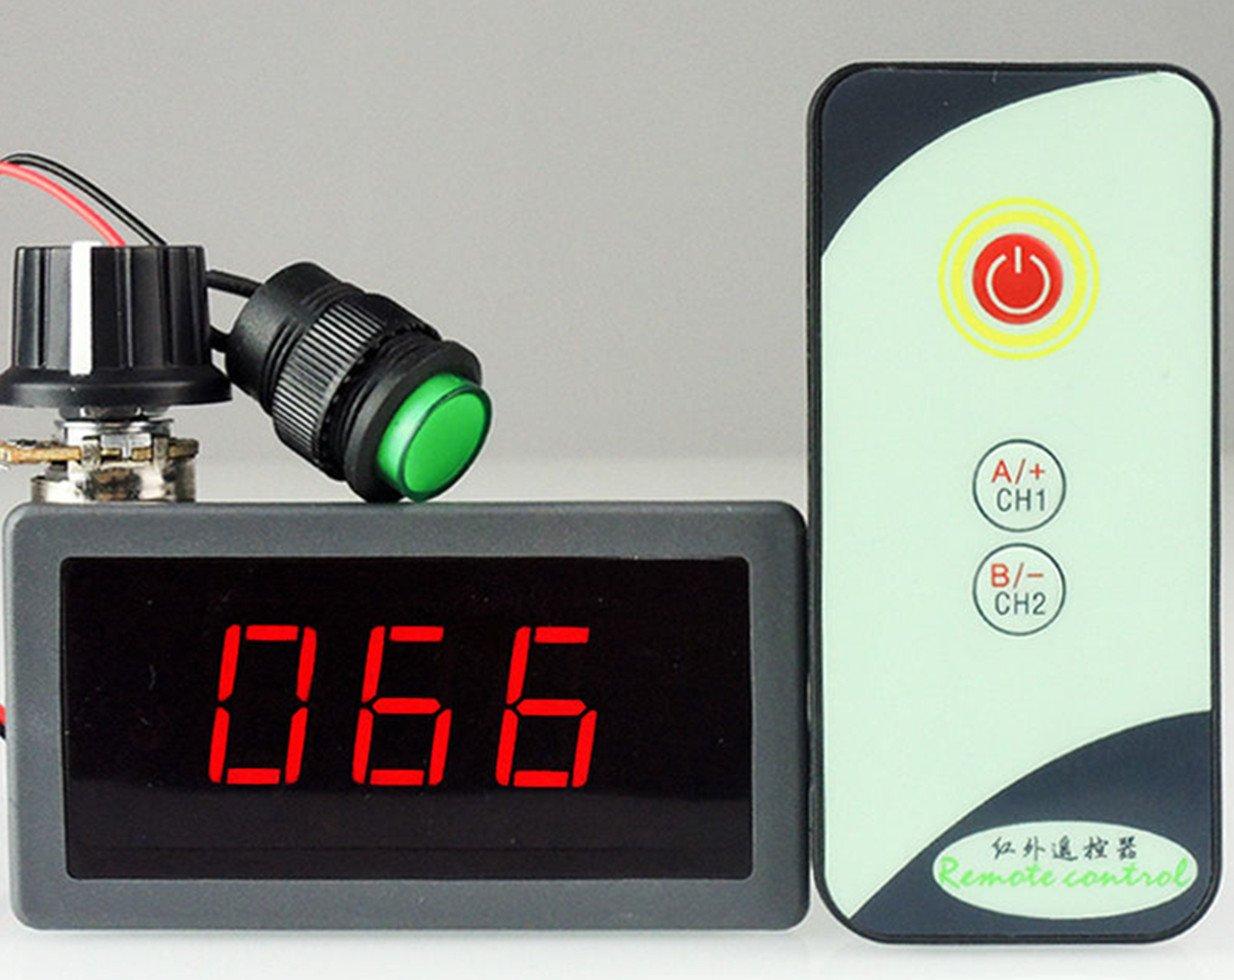 PWM 6V 12V 24V 5A DC Motor Speed Regulator with LED Digital Display IR Remote Controller